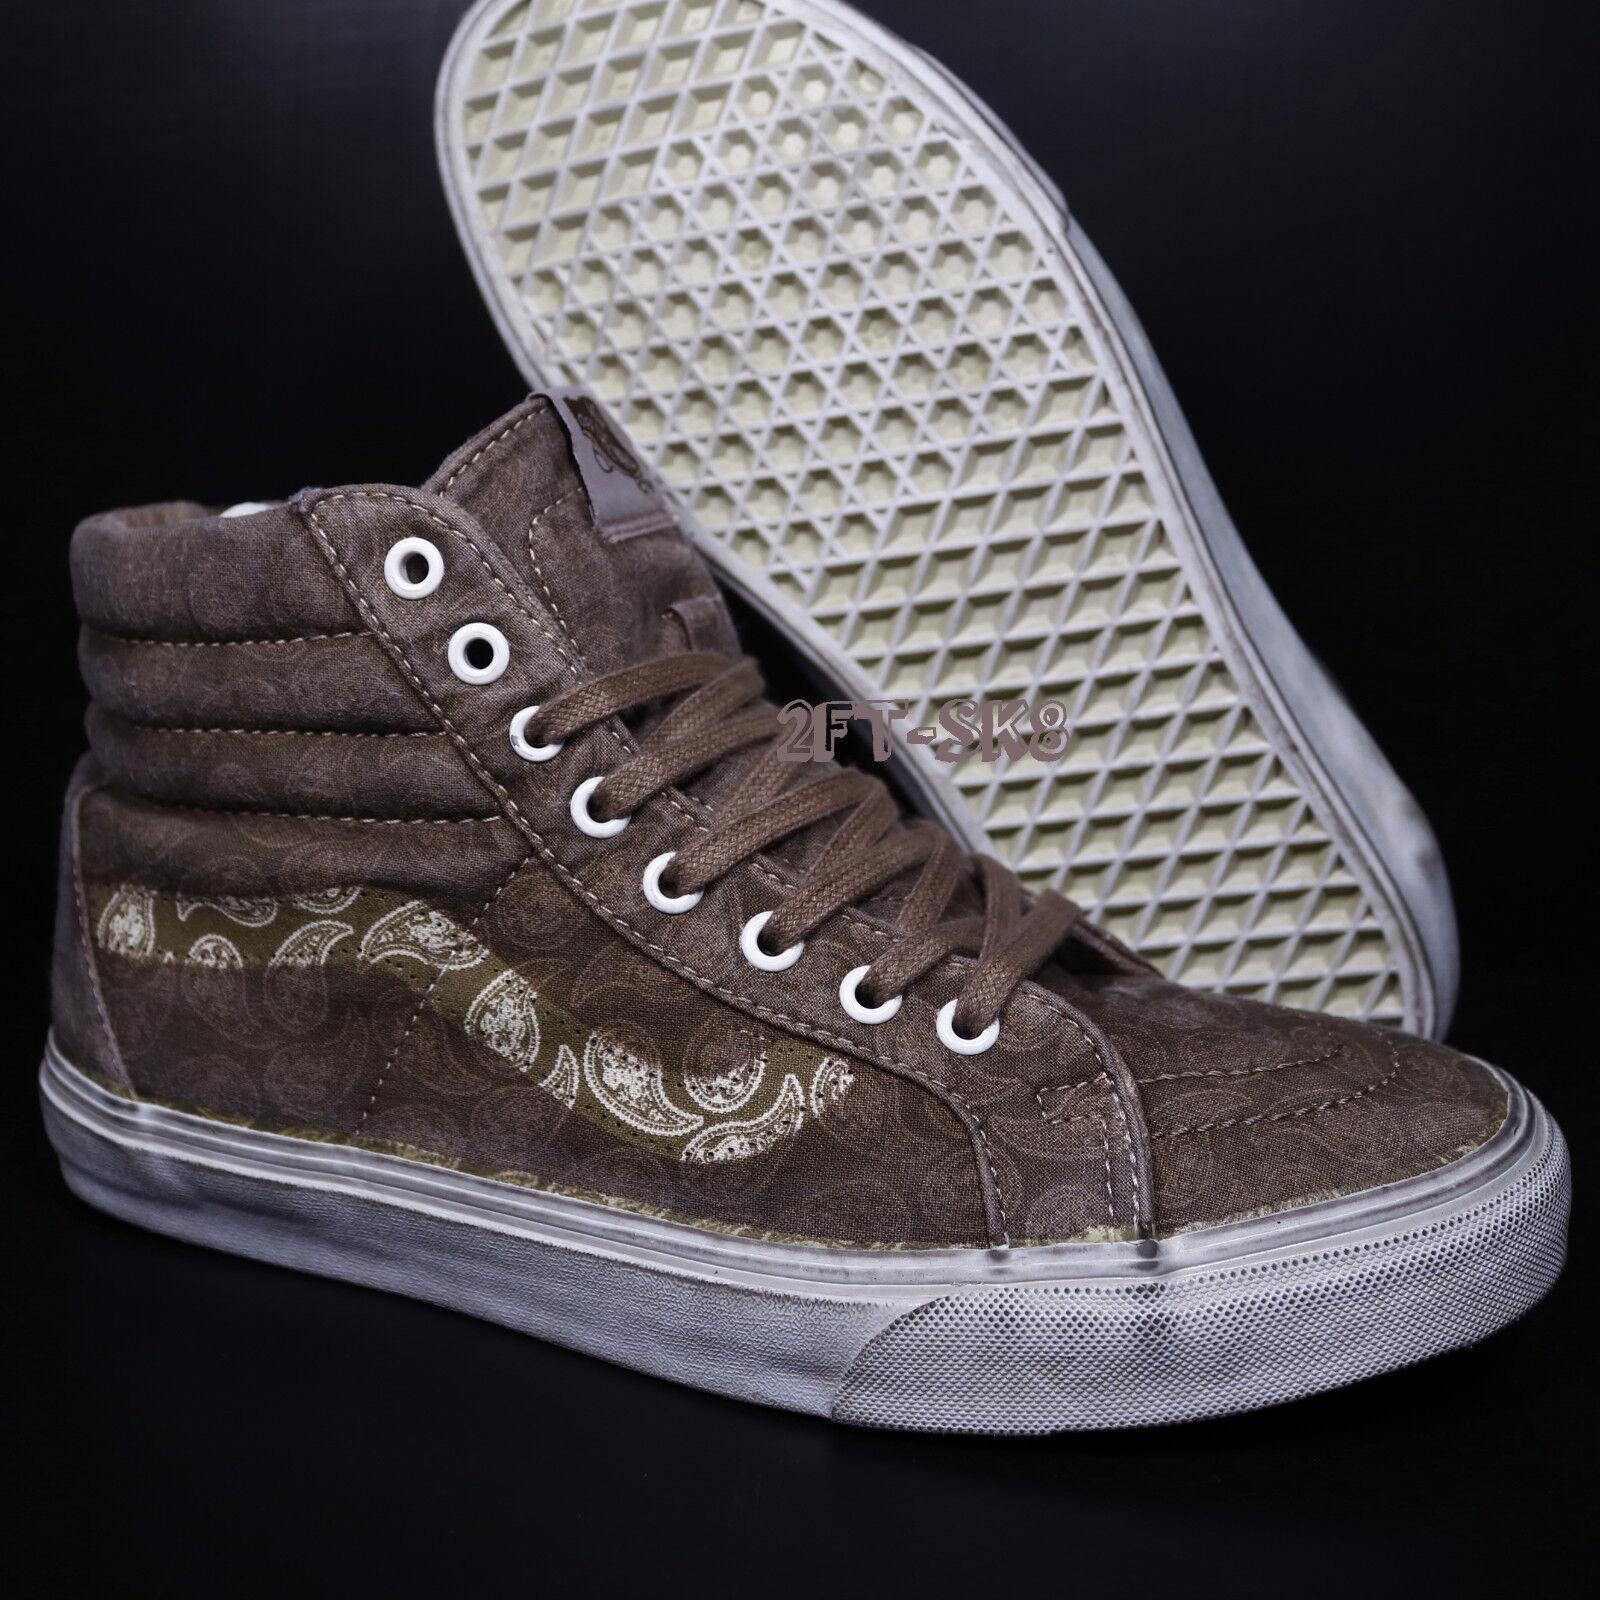 VANS SK8-HI OVERWASH PAISLEY TEAK Homme SKATE Chaussures/OLD SKOOL//S8912.256